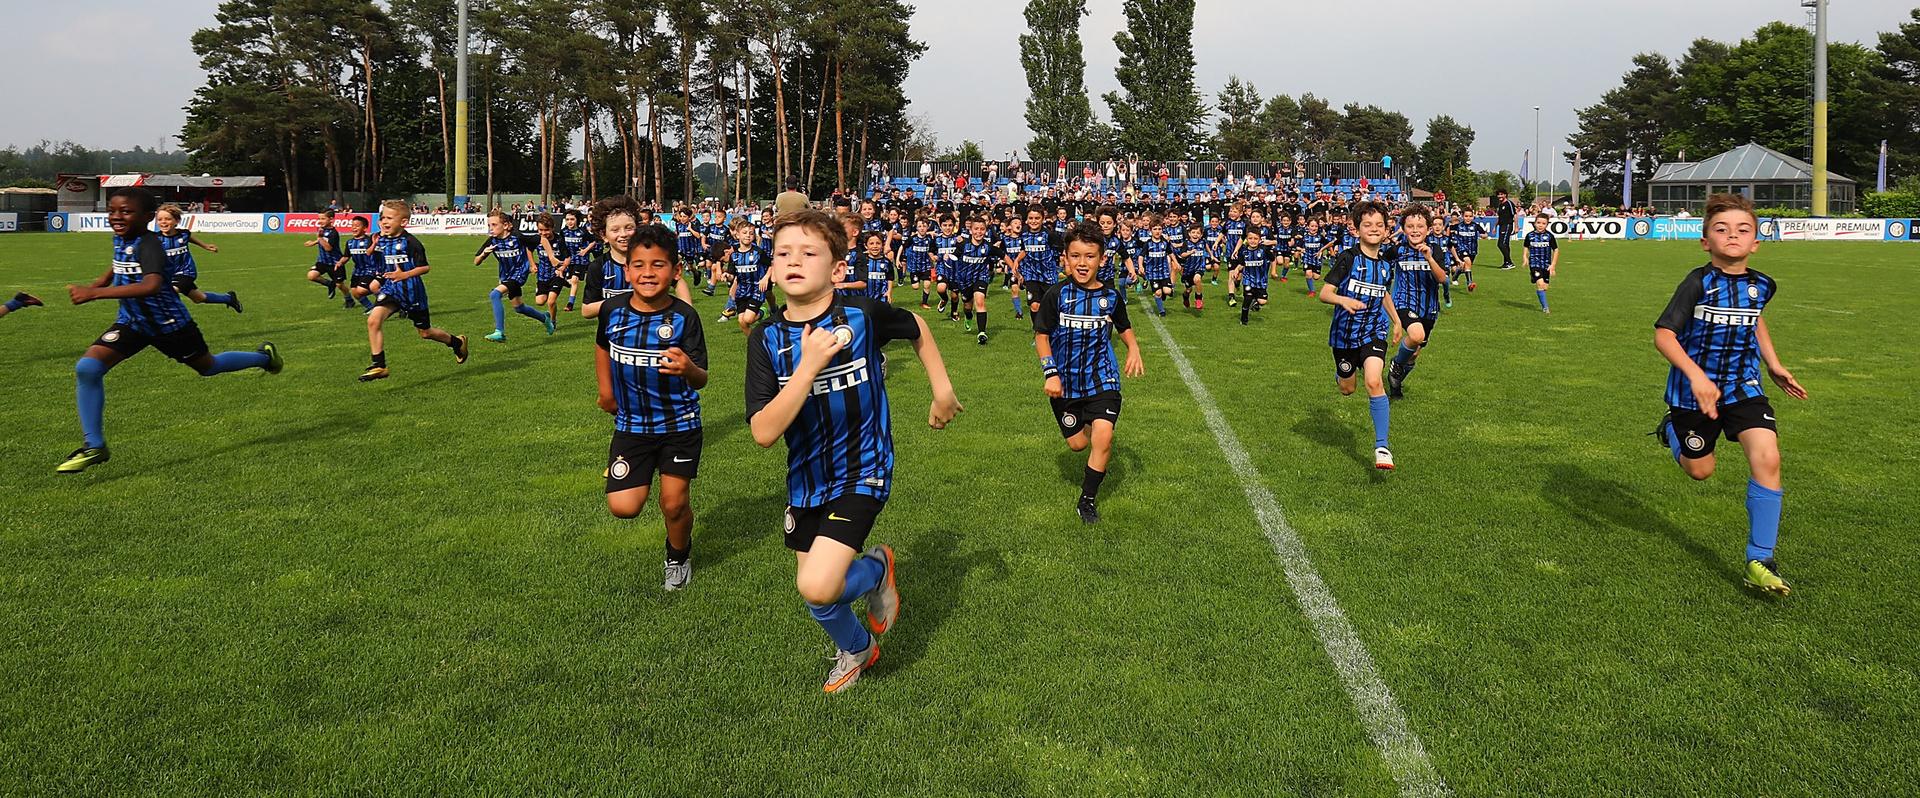 Scuole Calcio Inter 2018-19